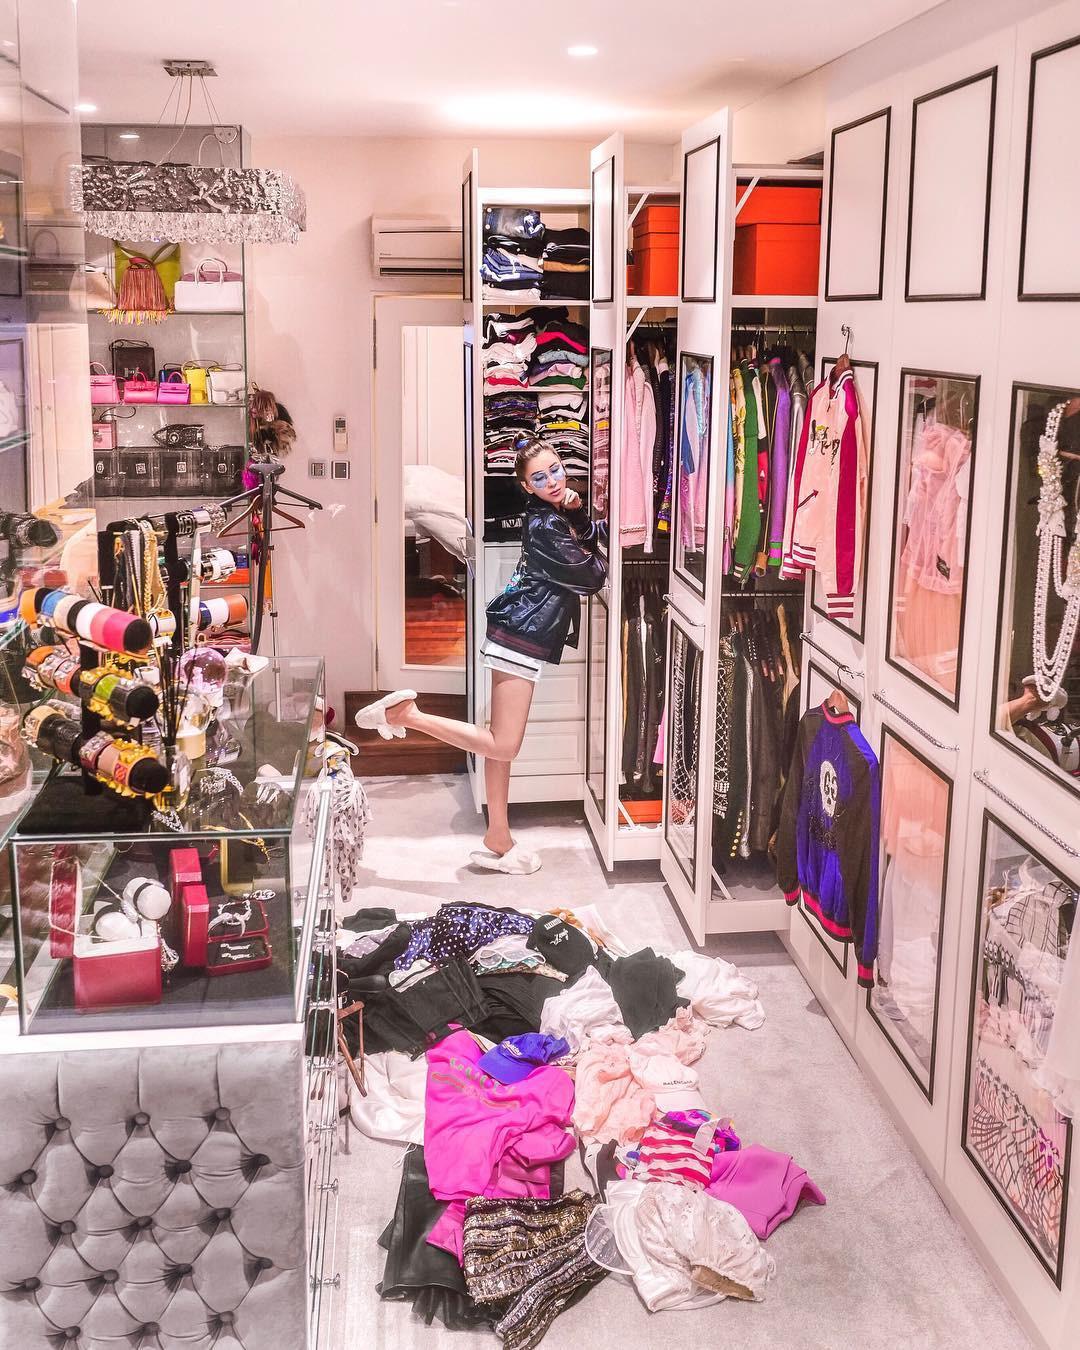 Choáng ngợp với phòng để đồ rộng bằng căn hộ với bảo mật vân tay, chứa 200 túi Hermes, 300 đôi giày và cả núi đồ hiệu xa xỉ của bà hoàng thời trang Singapore - Ảnh 4.